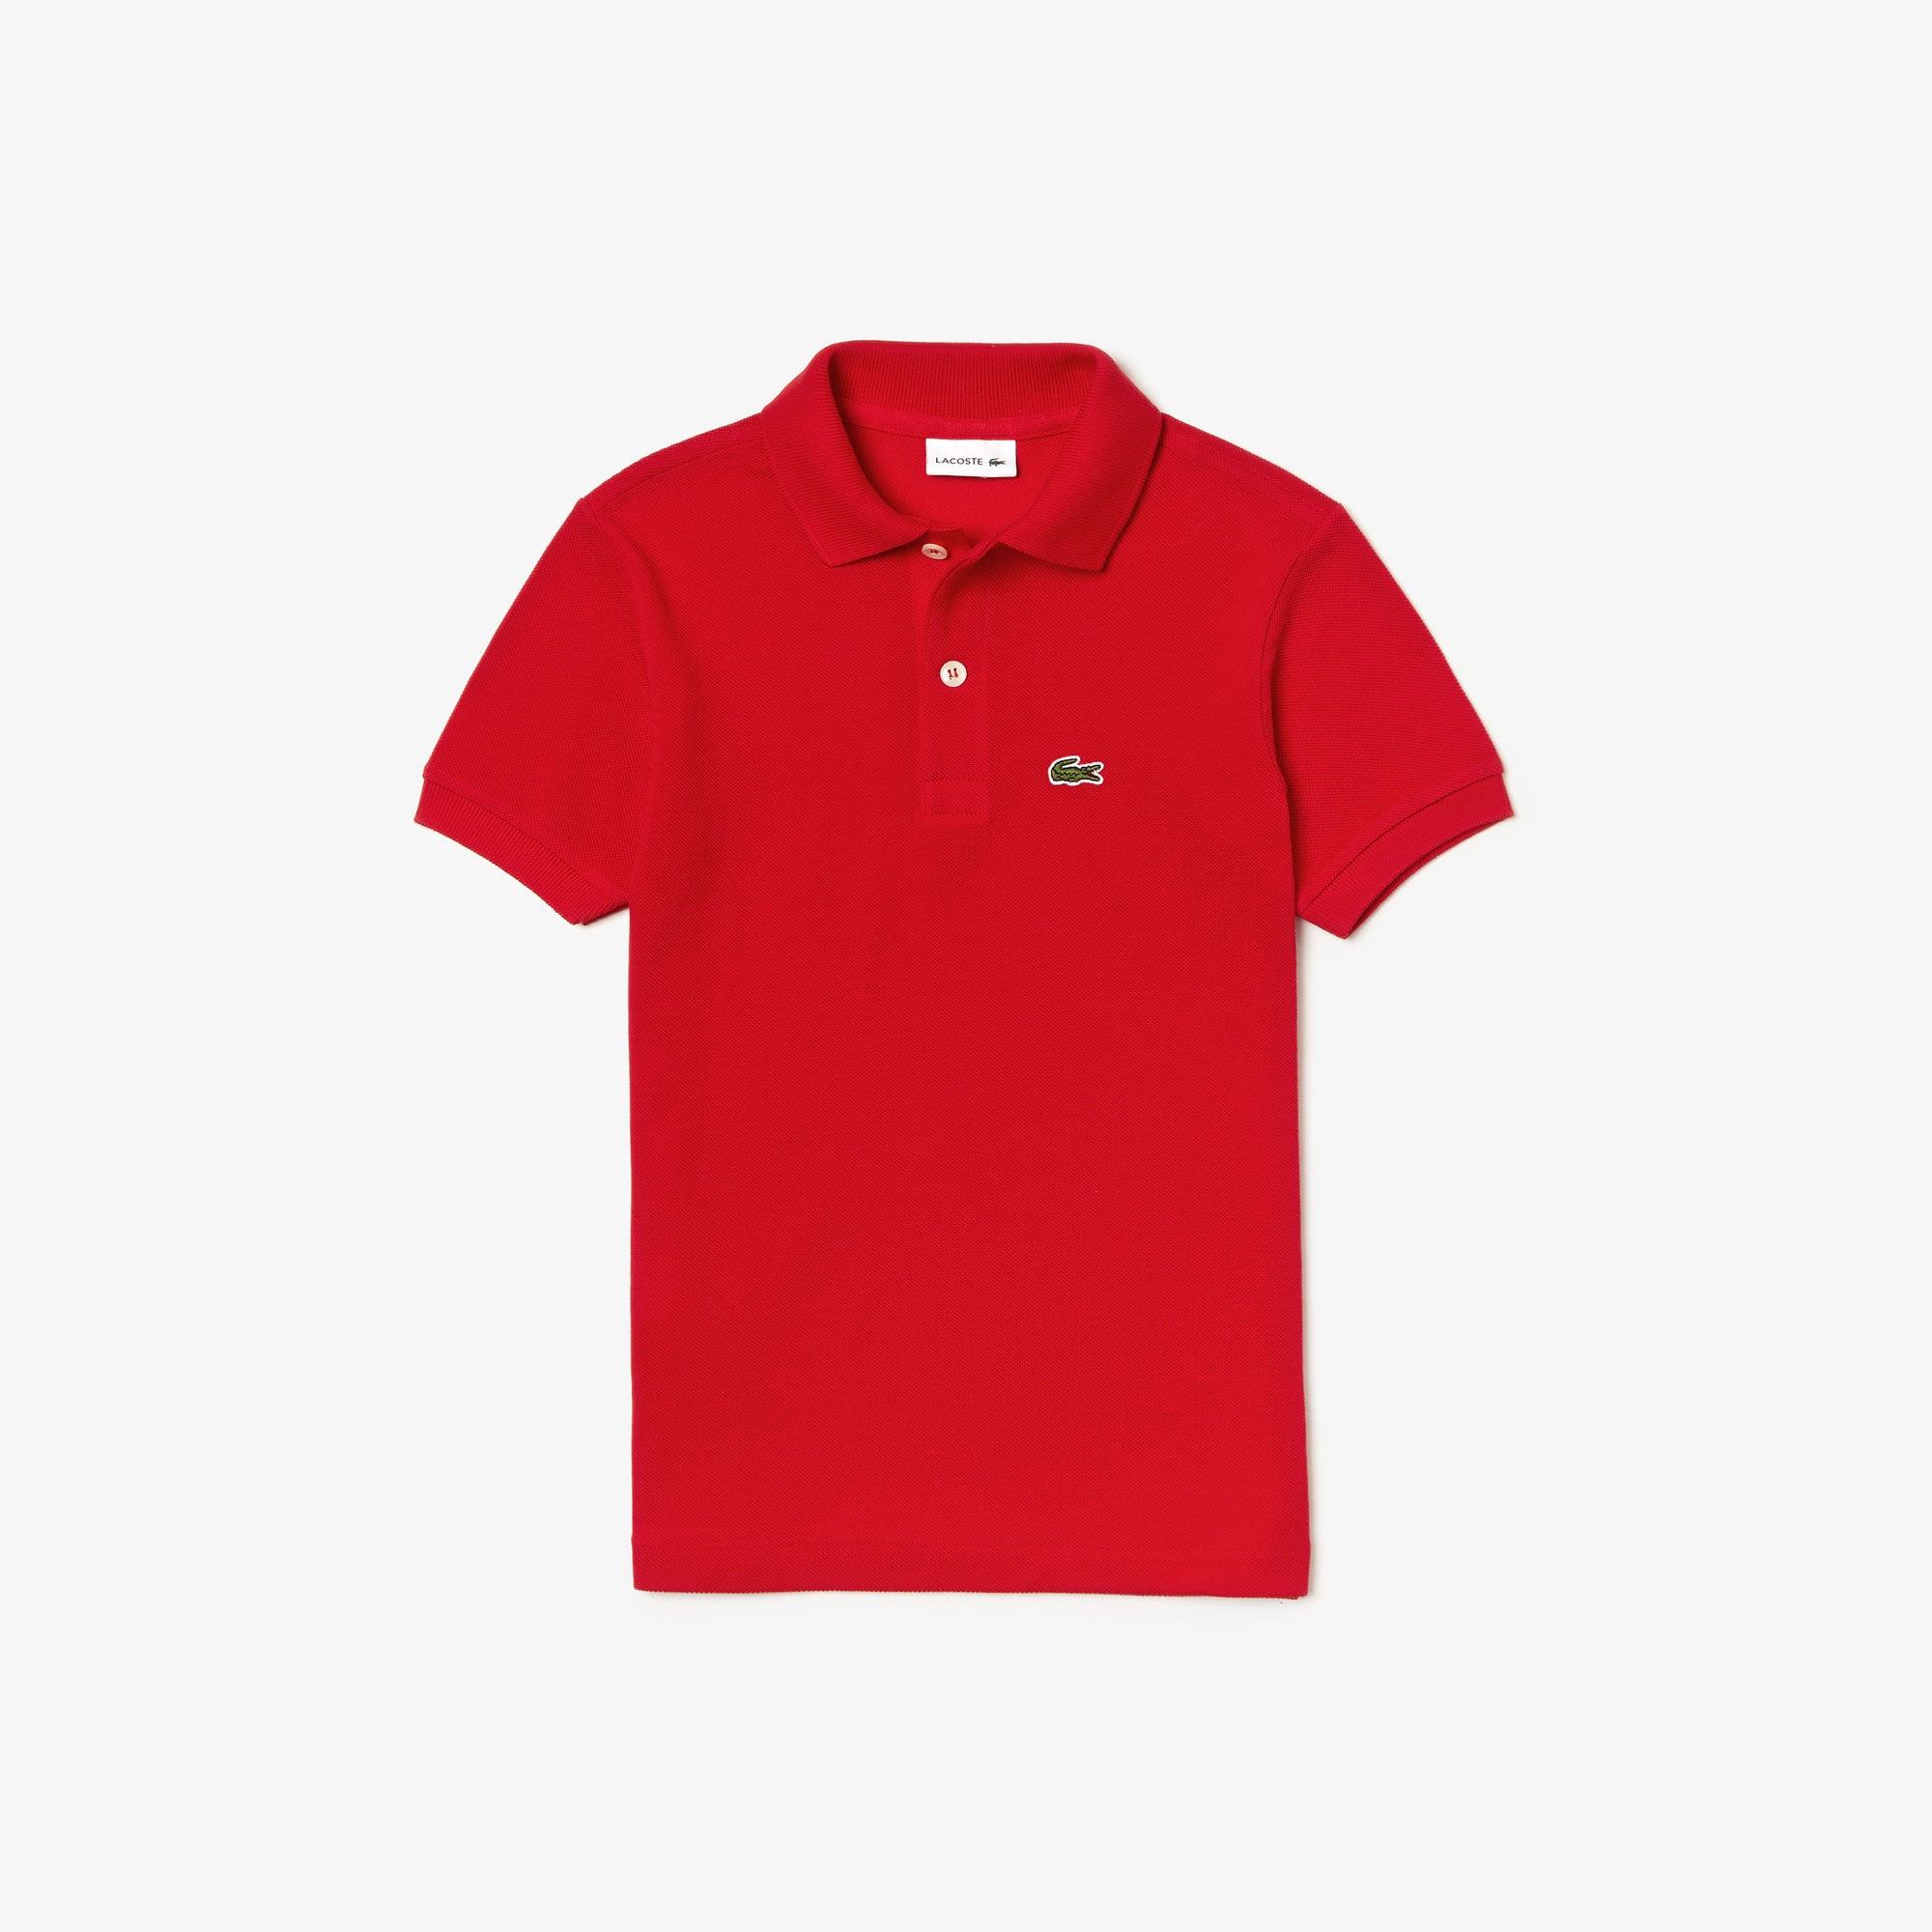 라코스테 보이즈 클래식 피케 폴로셔츠 - 레드(240) Lacoste Boys' Classic Pique Polo